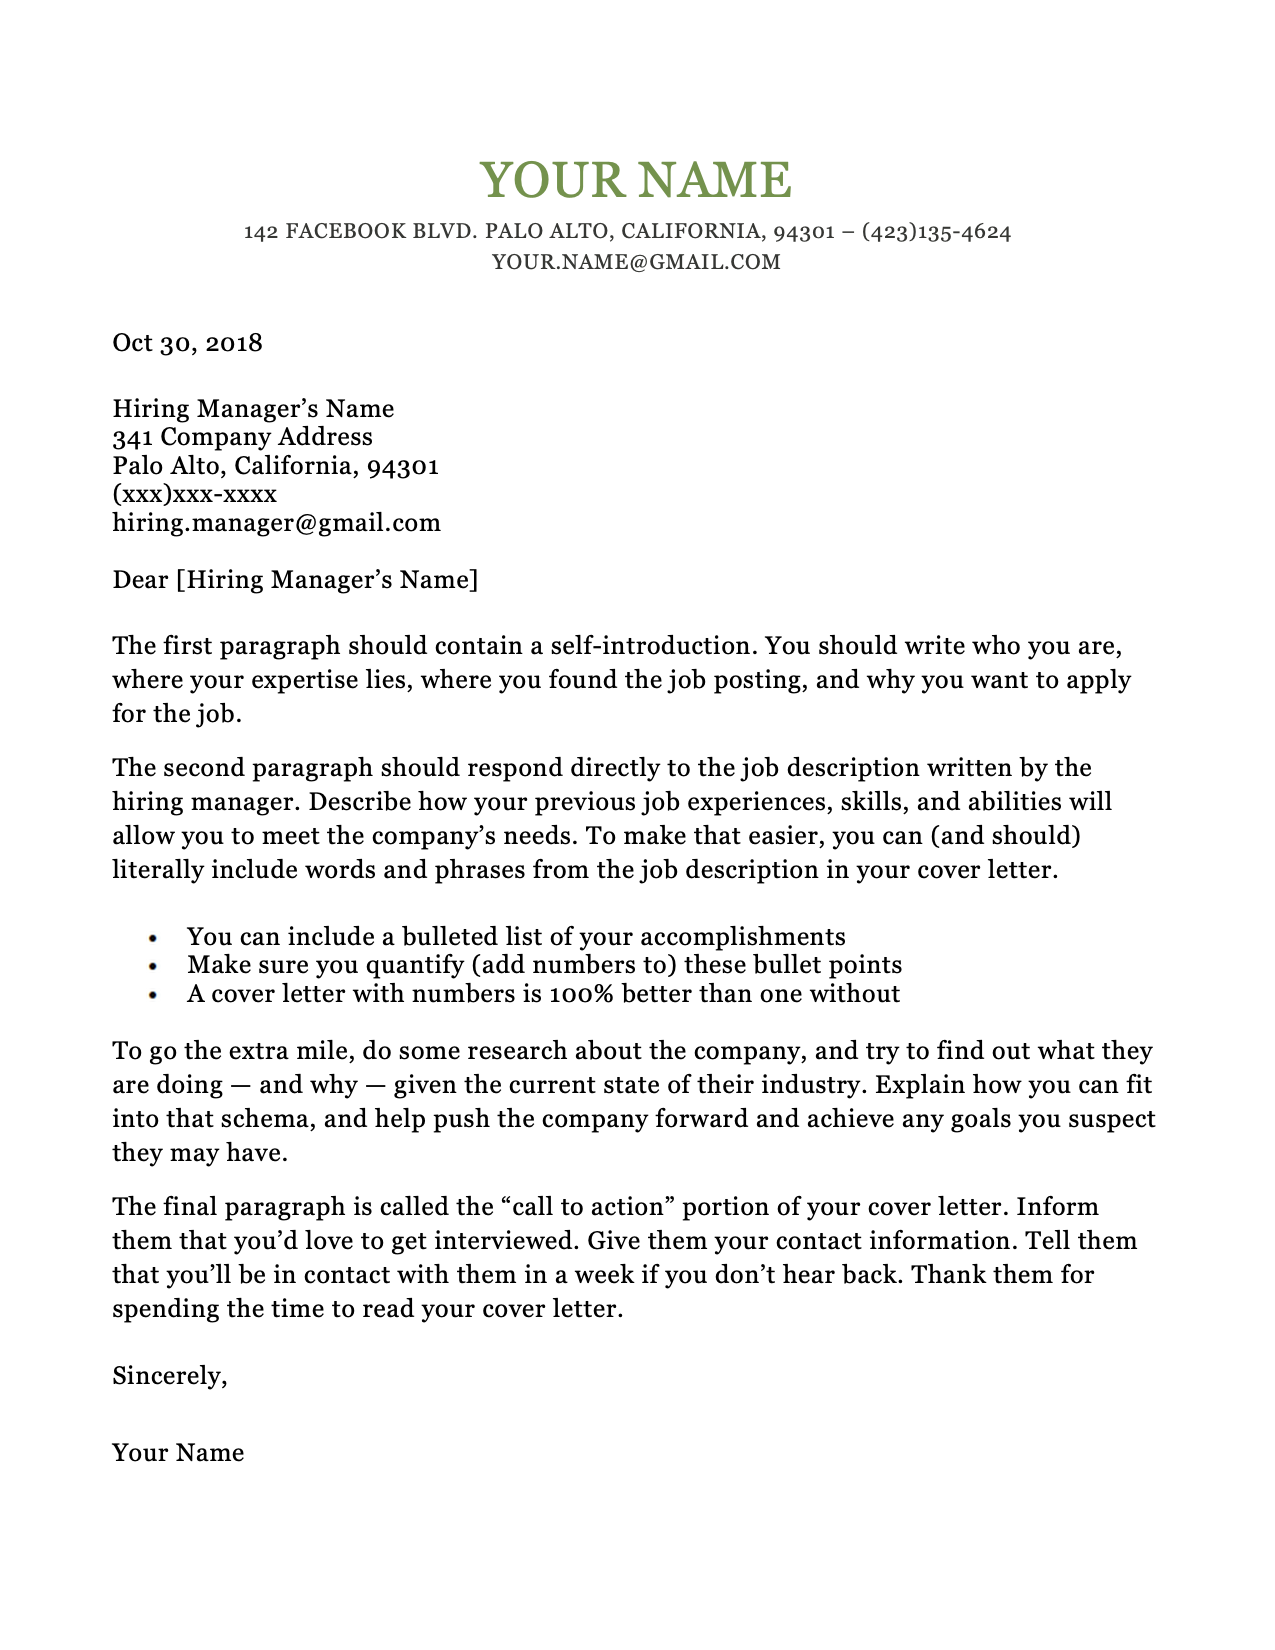 Dublin Green Cover Letter RG Cover letter template